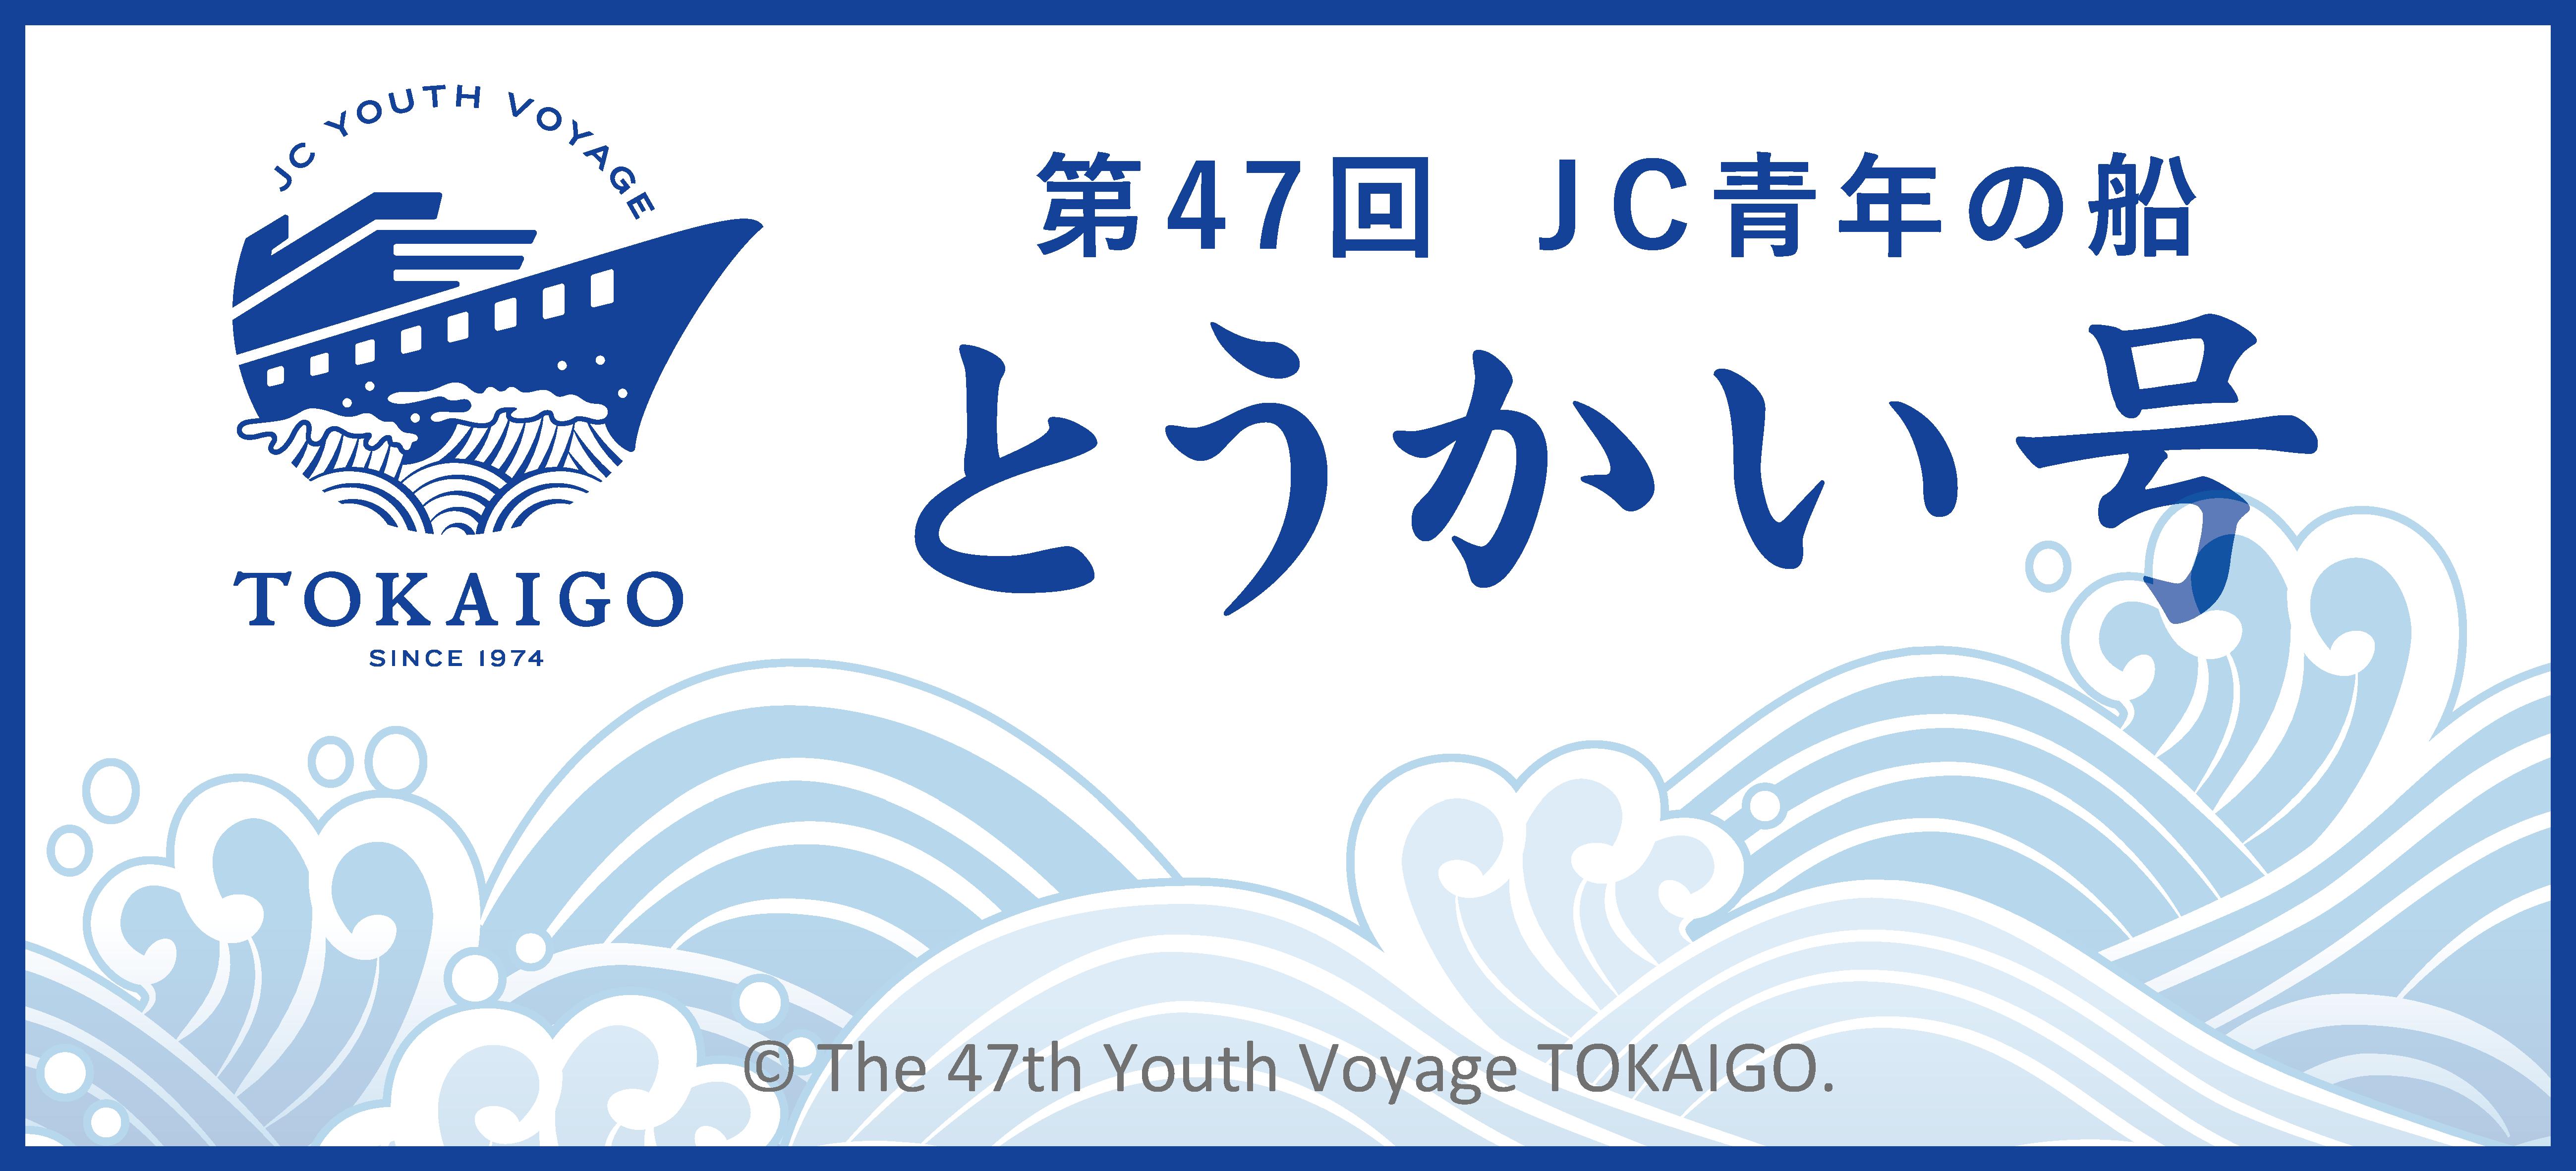 第47回JC青年の船「とうかい号」